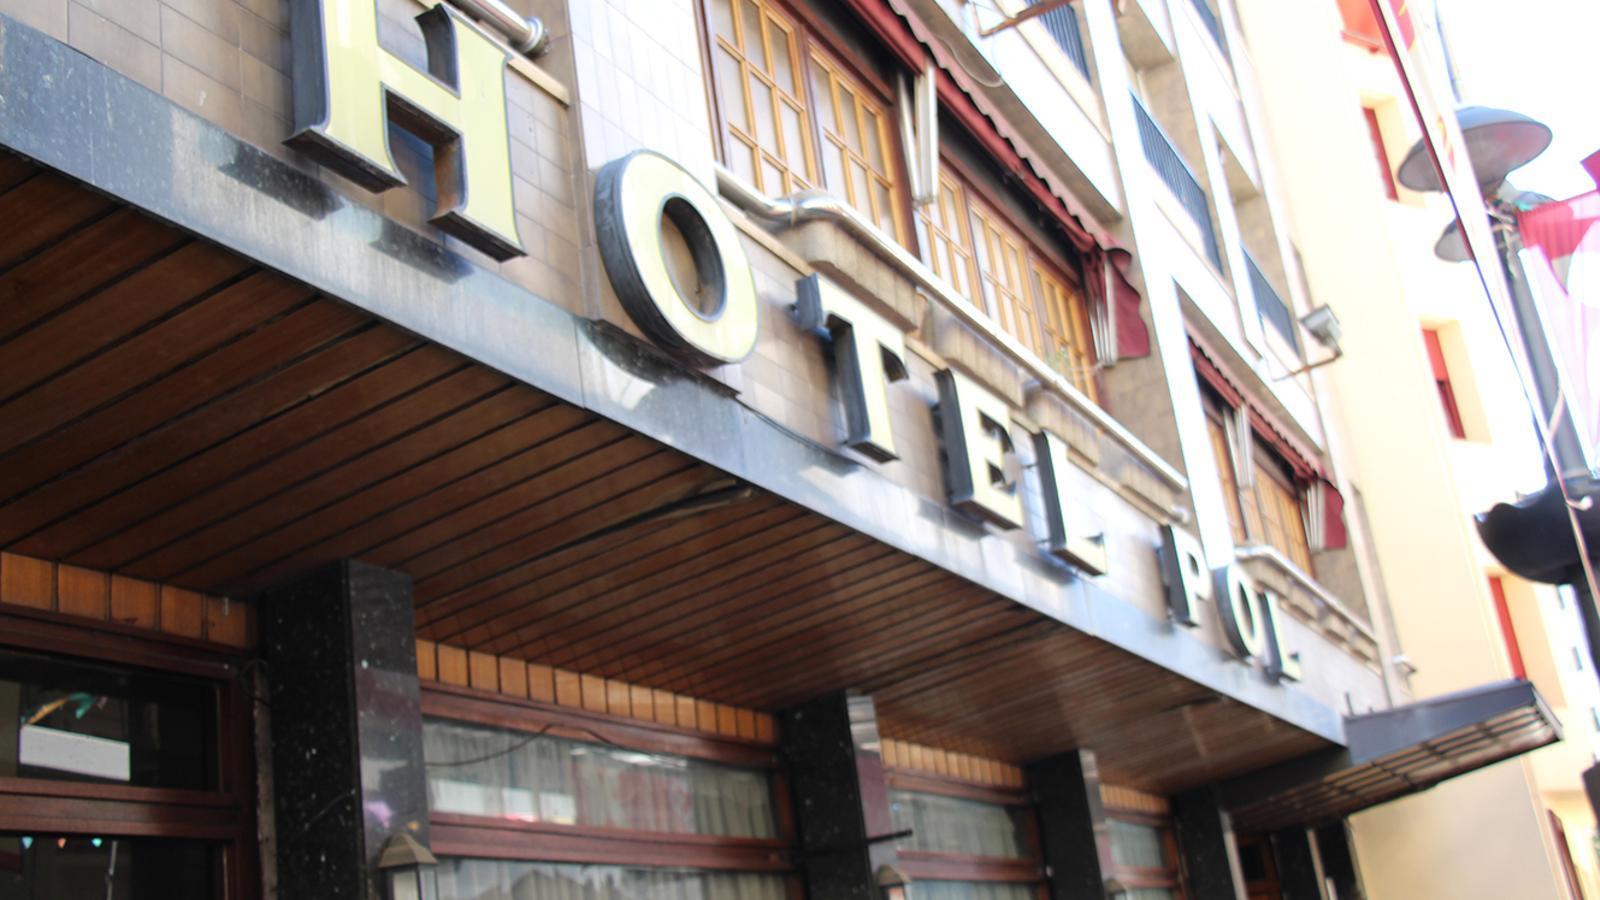 Façana de l'hotel Pol. / B. N.